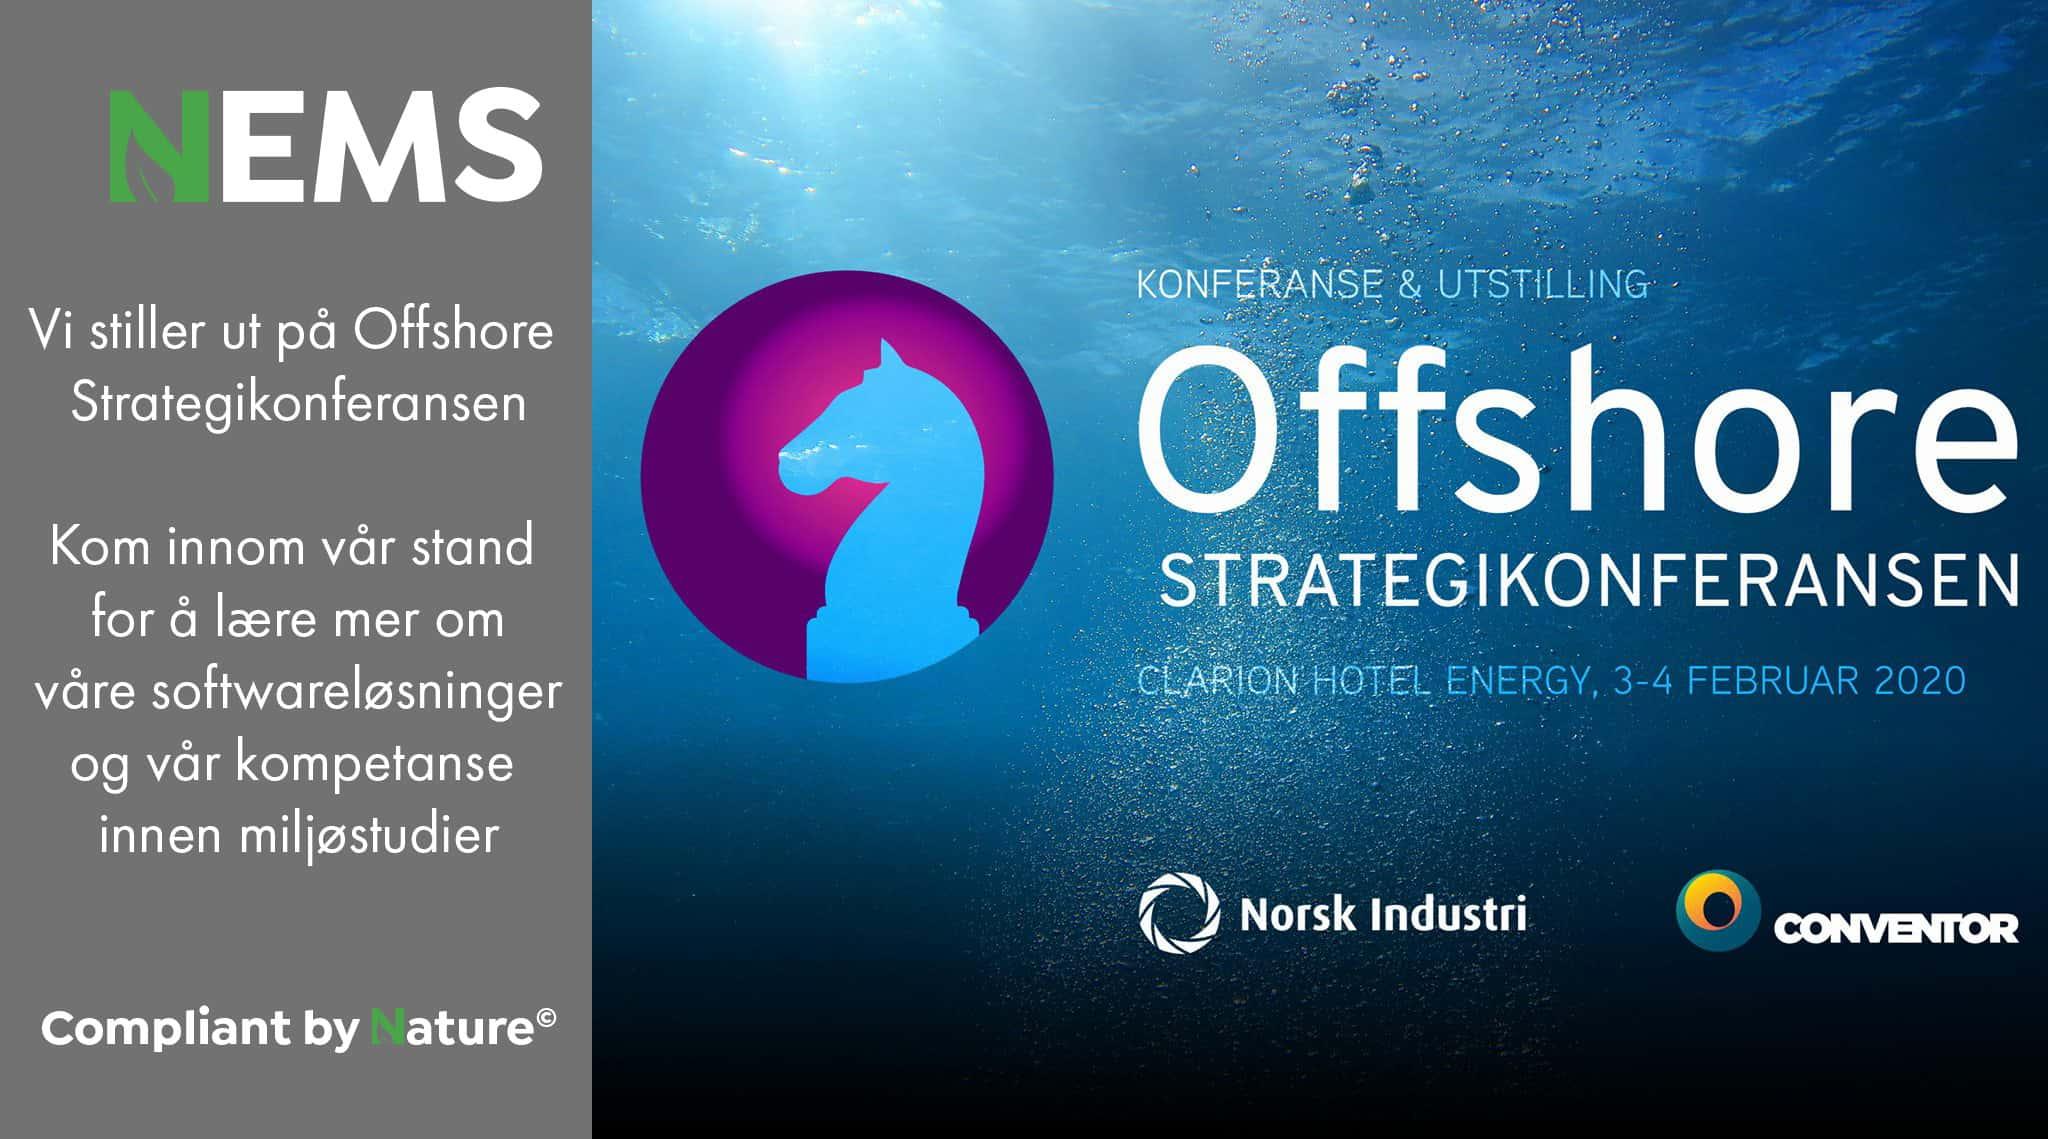 NEMS er utstiller på Offshore Strategikonferansen 3.-4. februar 2020